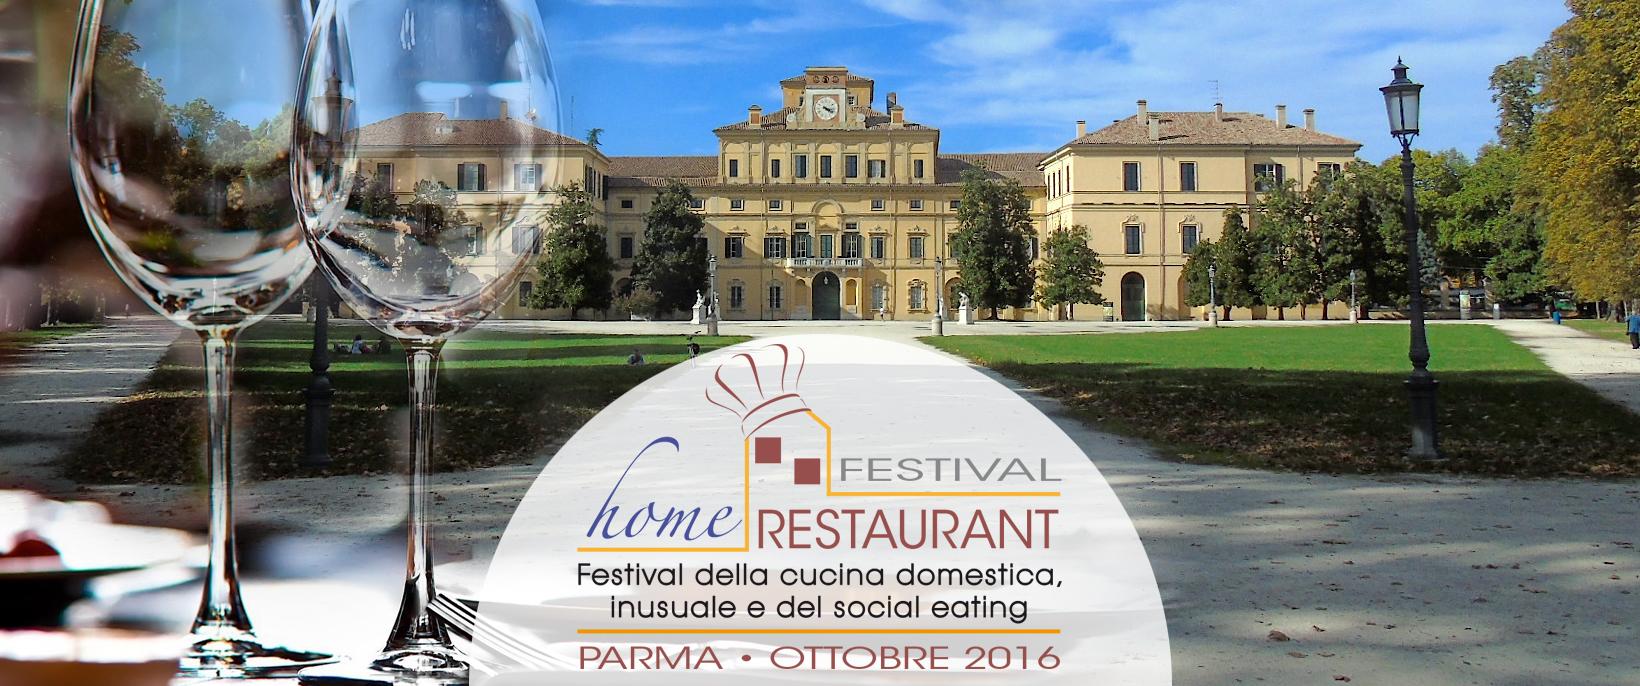 parma-home-restaurant-festival